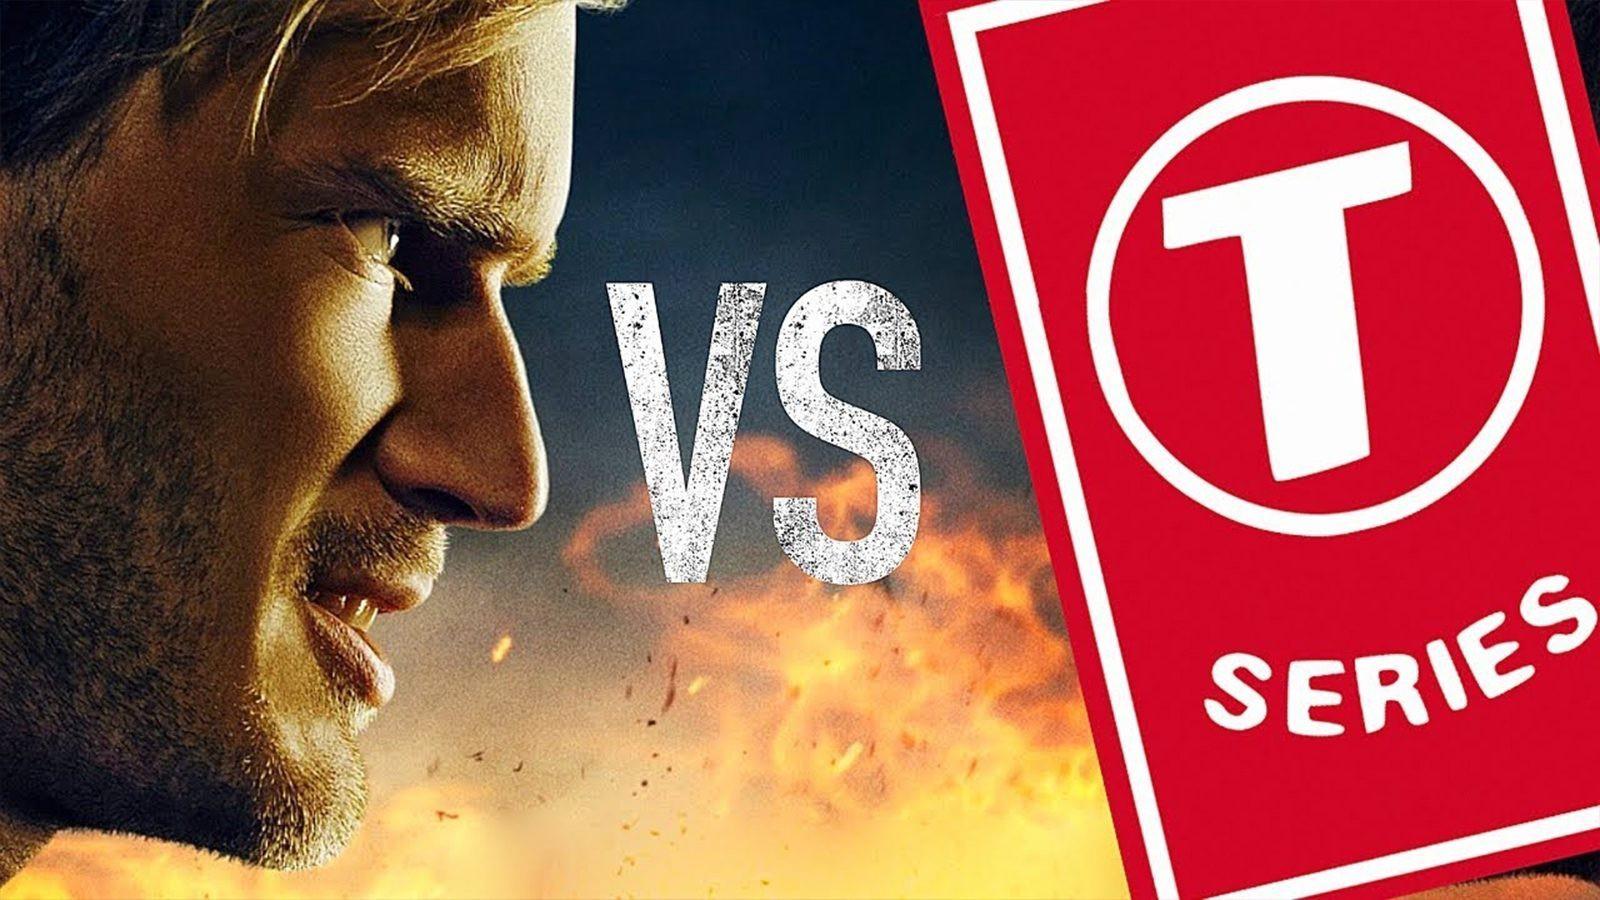 💥 T-Series став першим каналом YouTube в історії, який зібрав 100 млн підписників